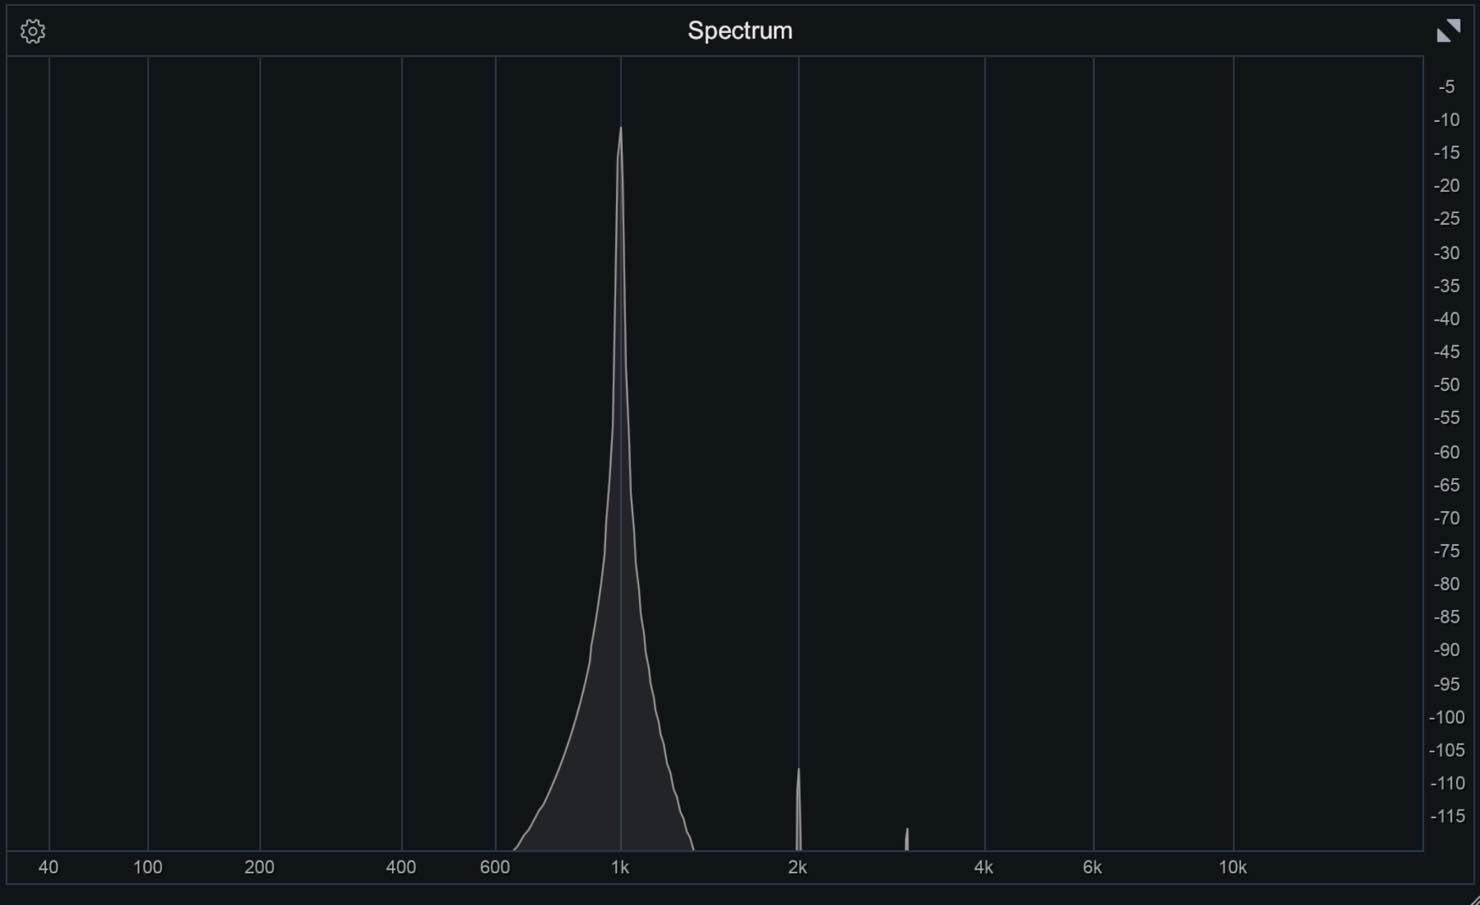 sine wave 1k